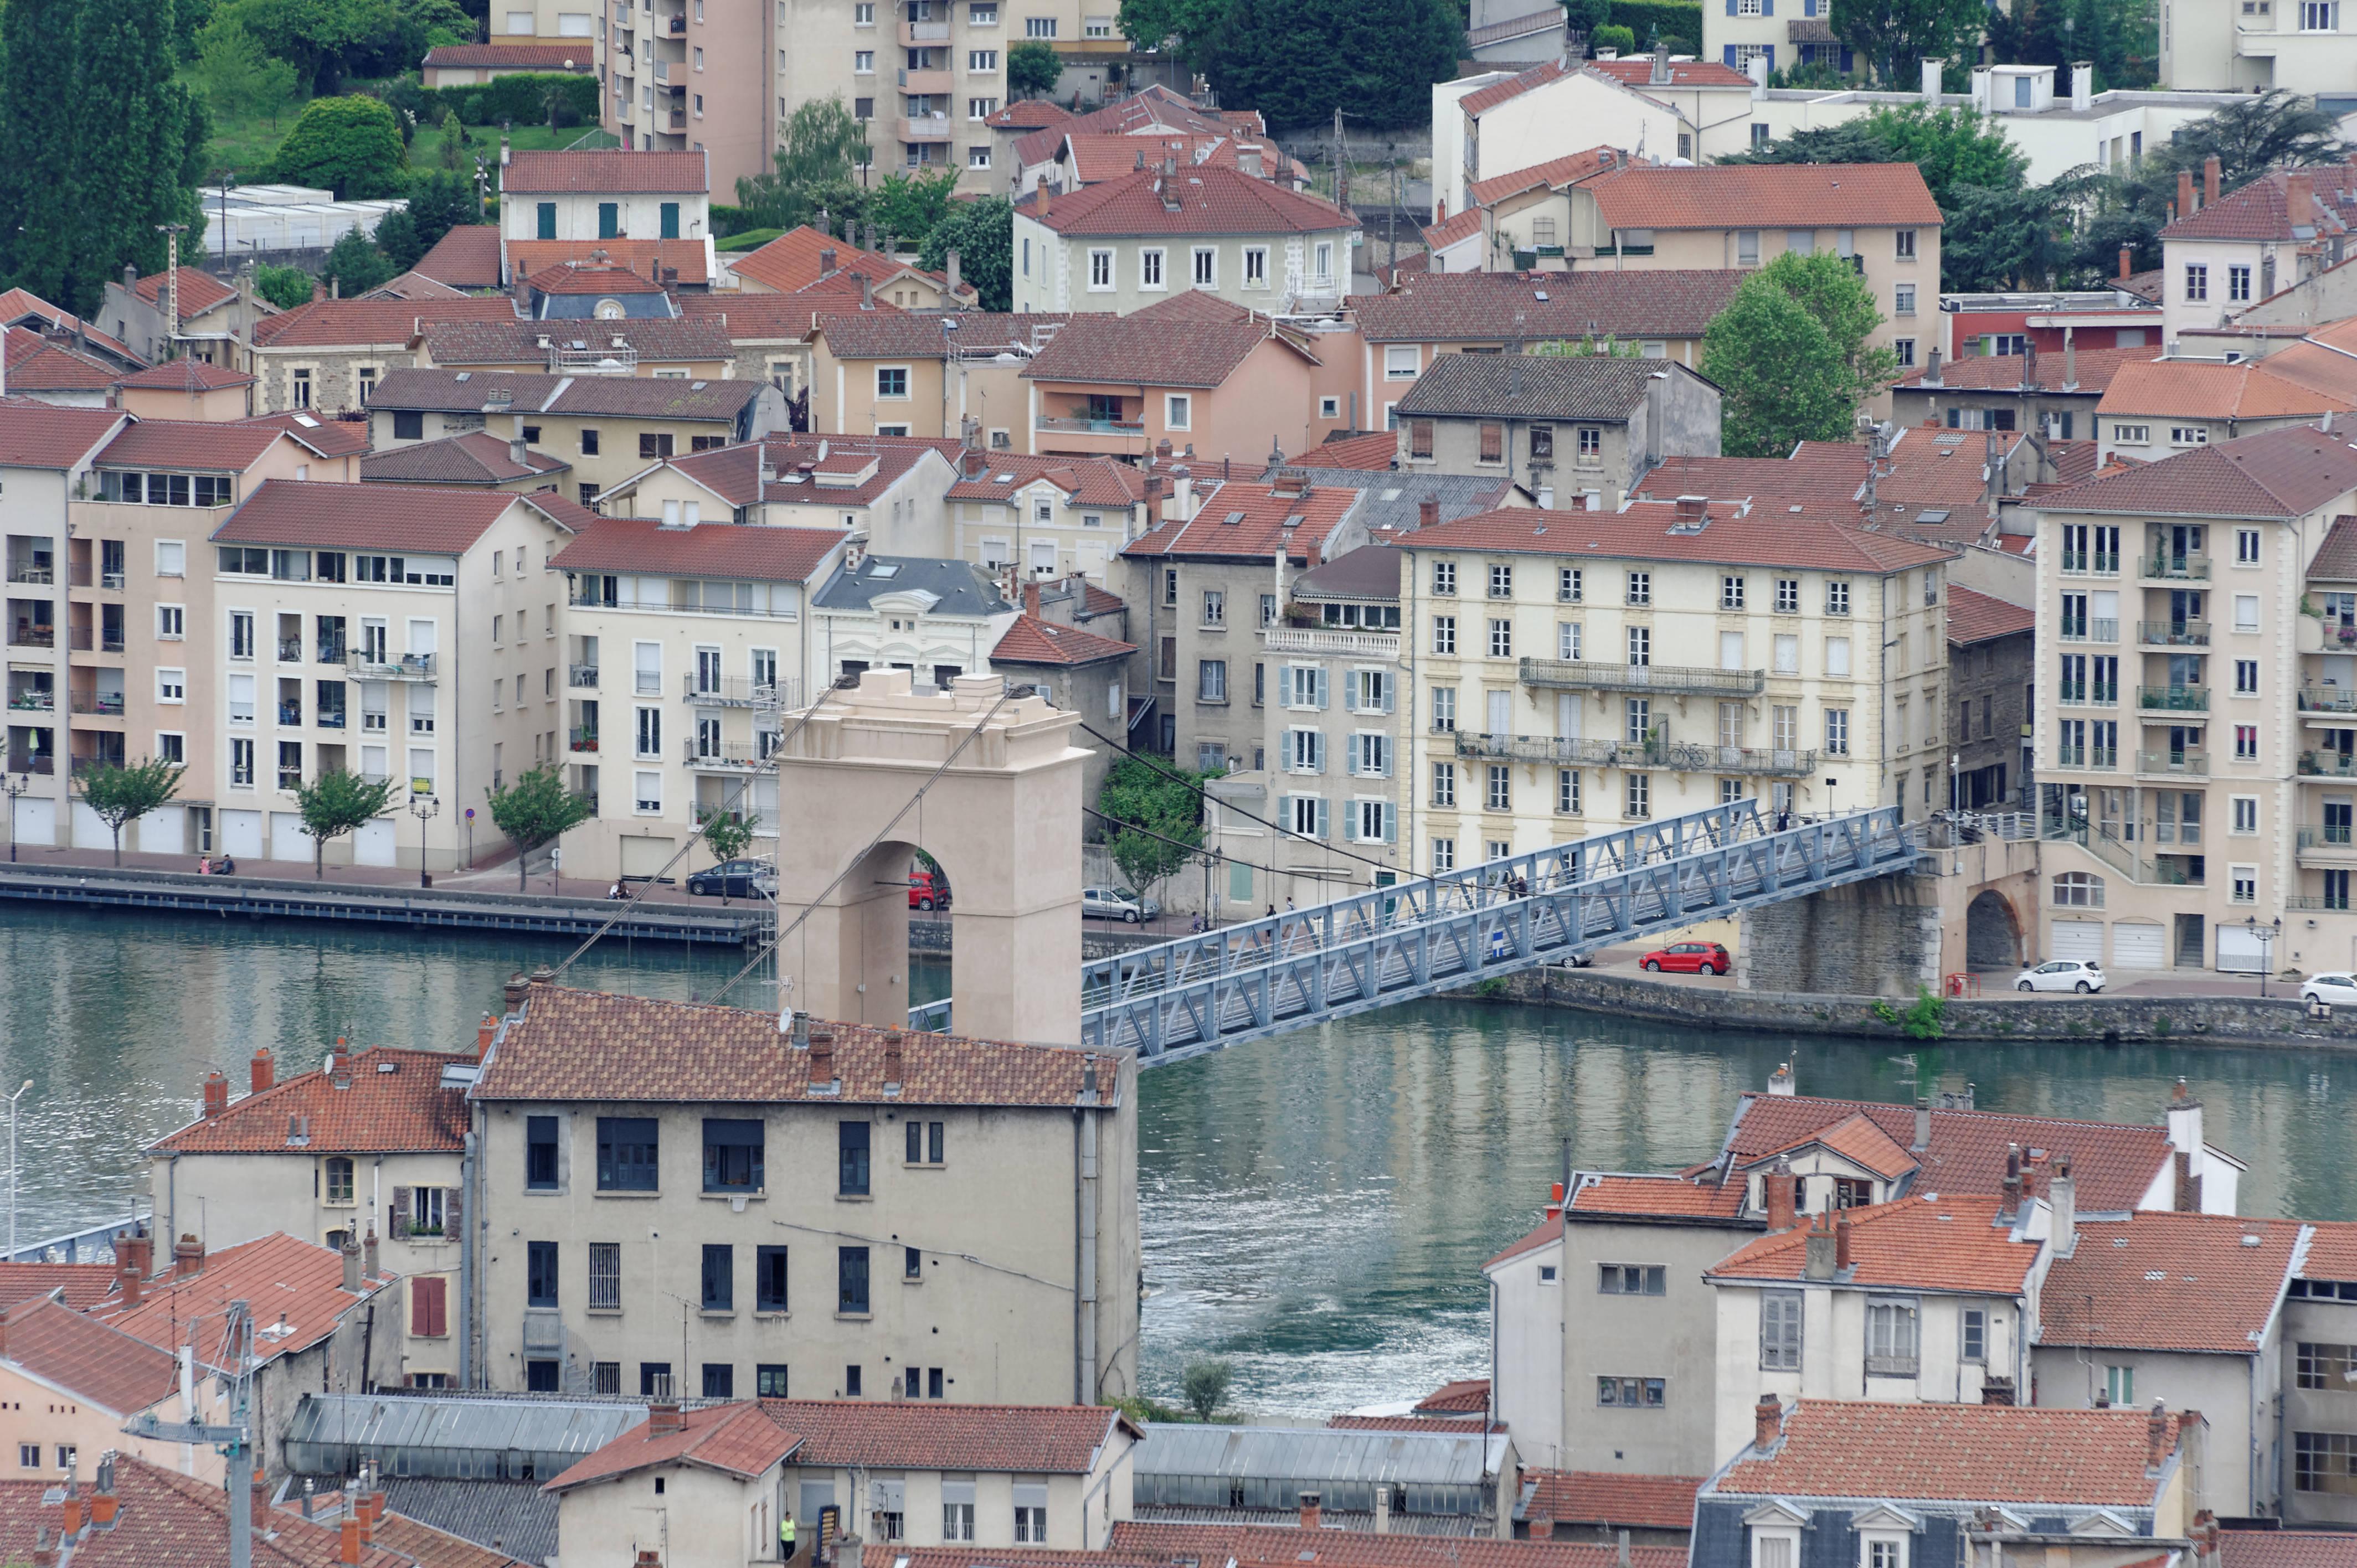 6028_Vienne (38)